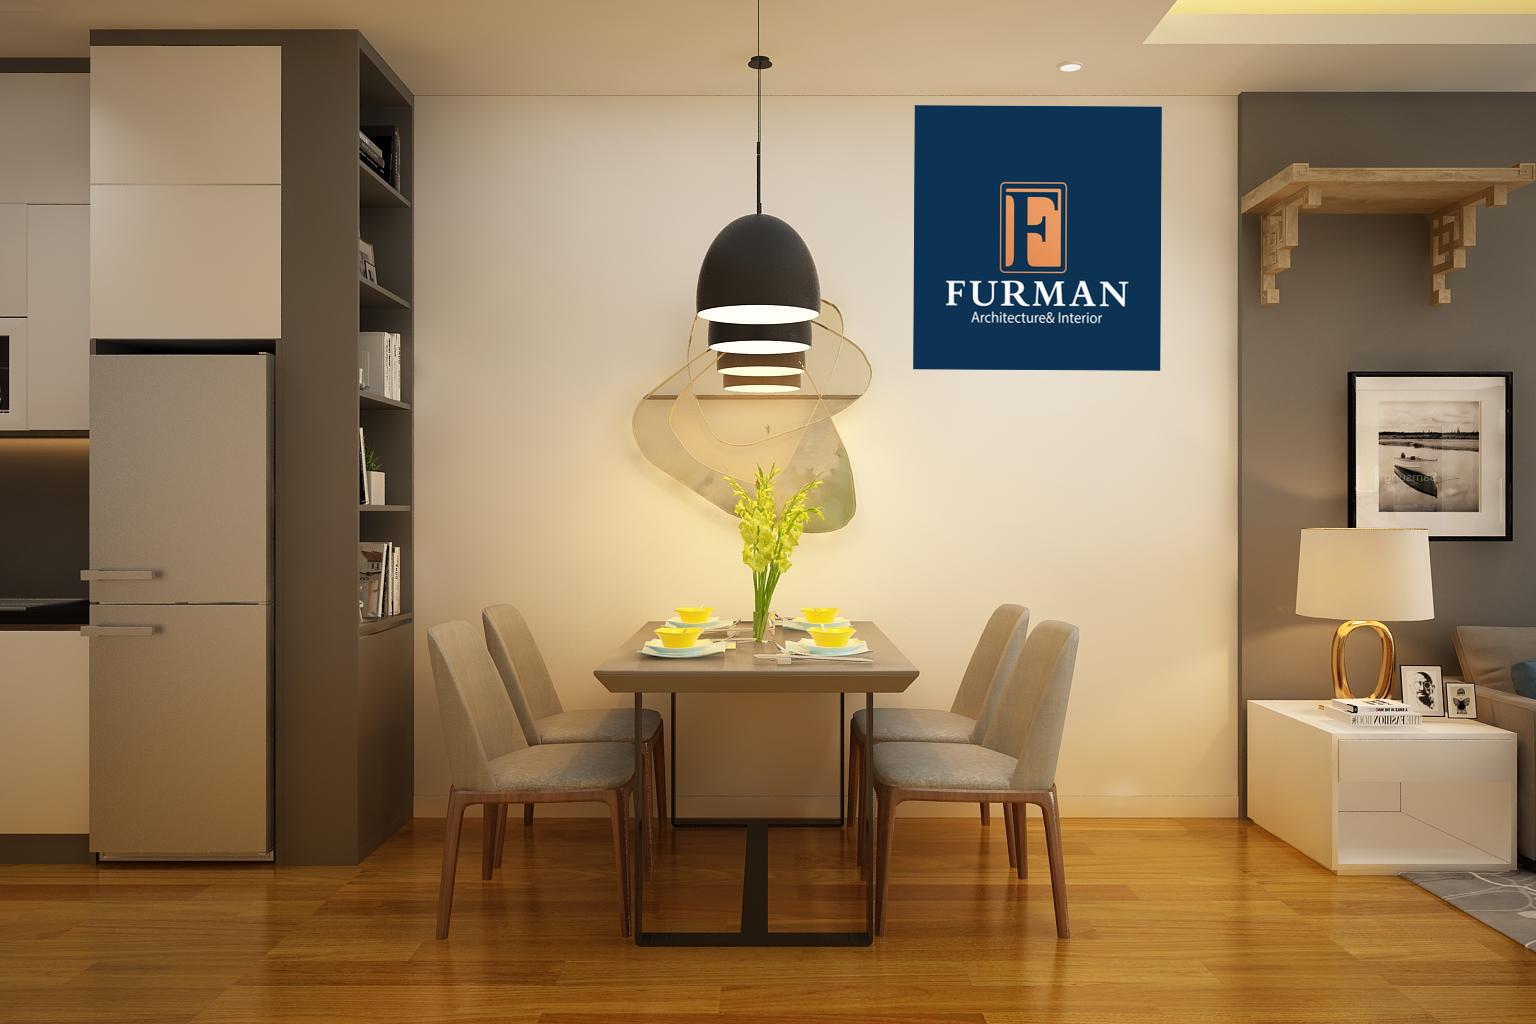 thiết kế thi công nội thất,nội thất cao cấp,nội thất chung cư